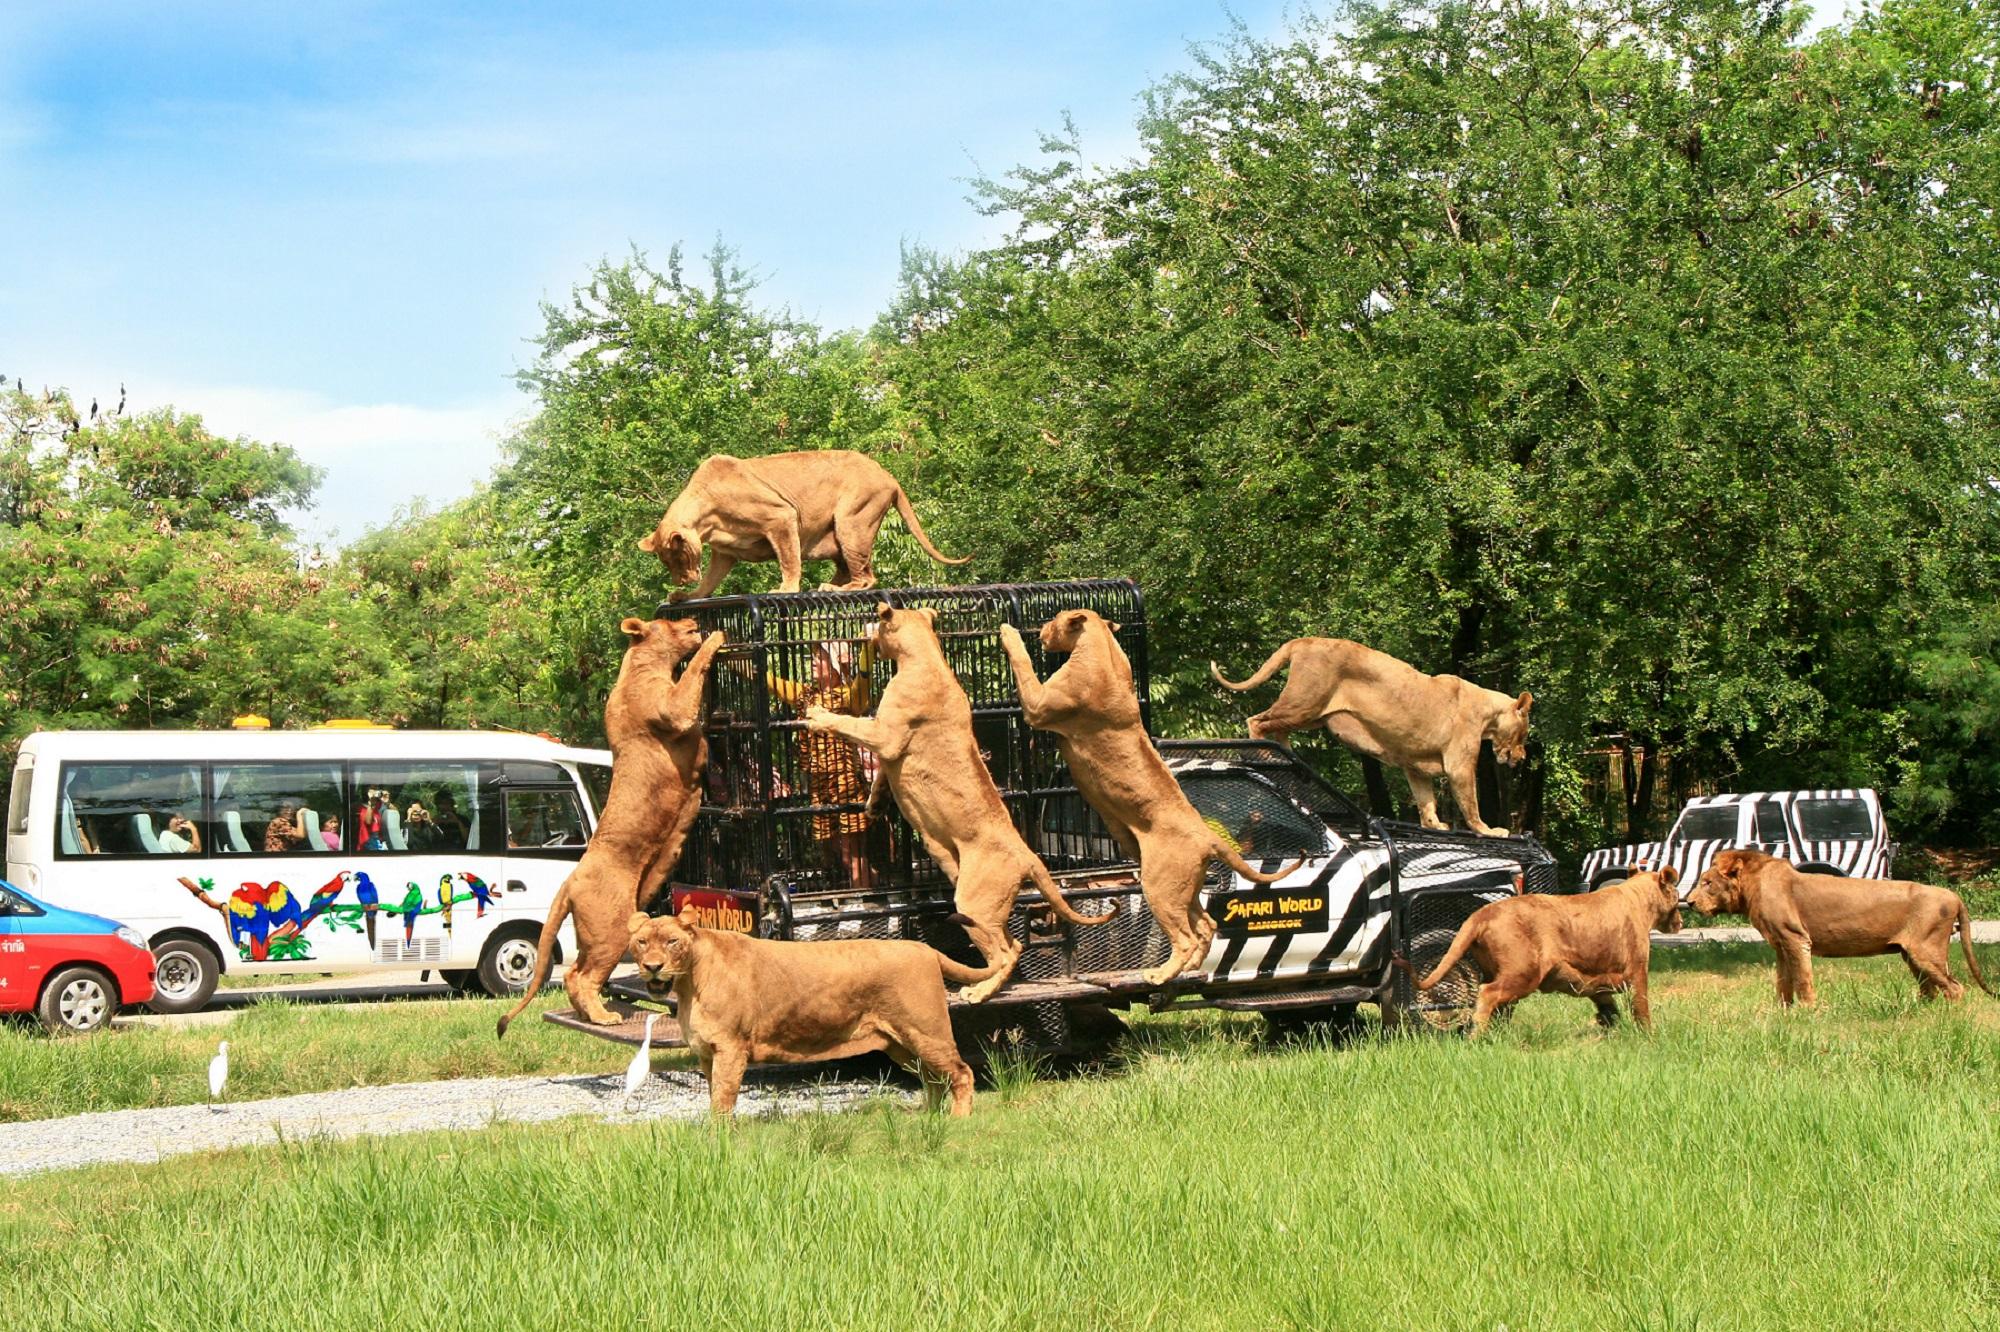 اماكن السياحة في بانكوك - Safari Park Bangkok